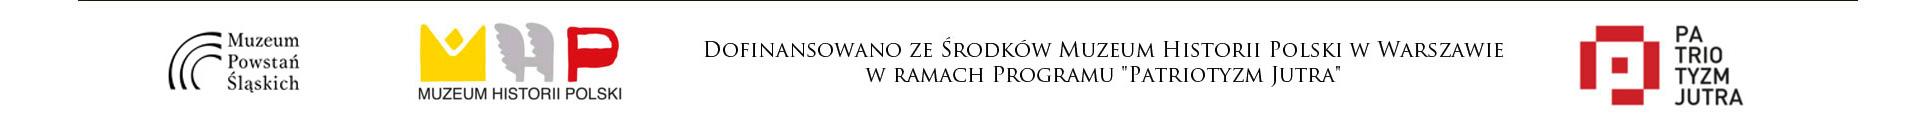 Dofinansowano ze Środków Muzeum Historii Polski w Warszawie w ramach Programu